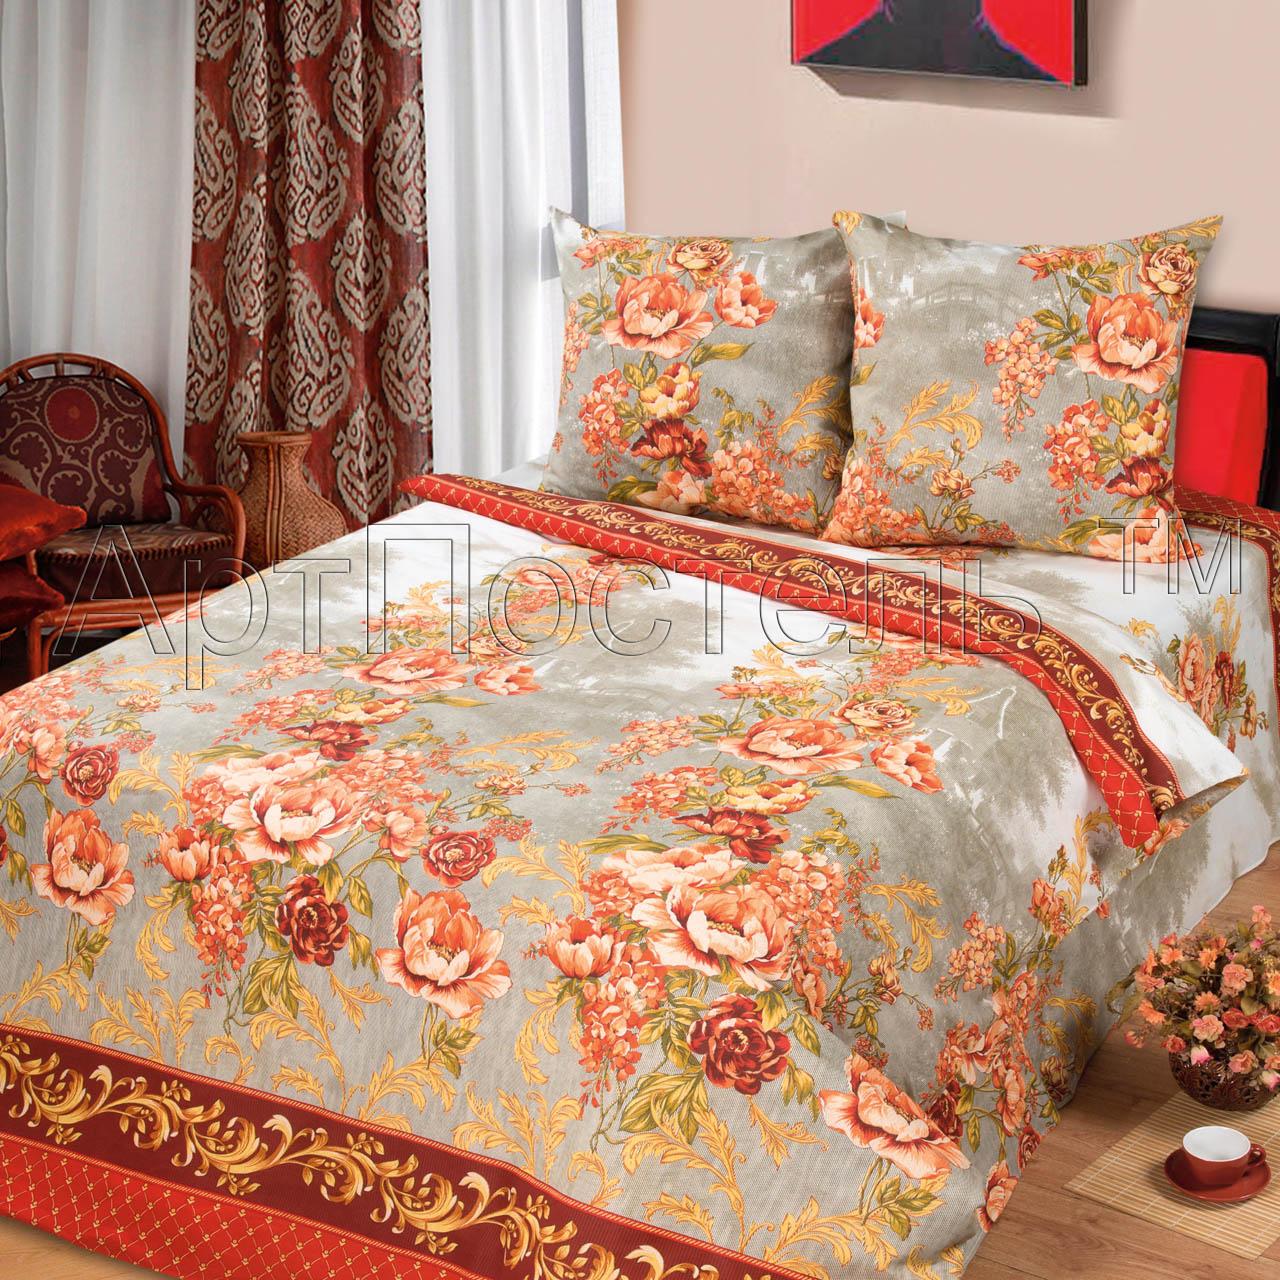 КПБ Зима-Лето  Красный гобелен , размер 2,0-спальный - Постельное белье артикул: 8984